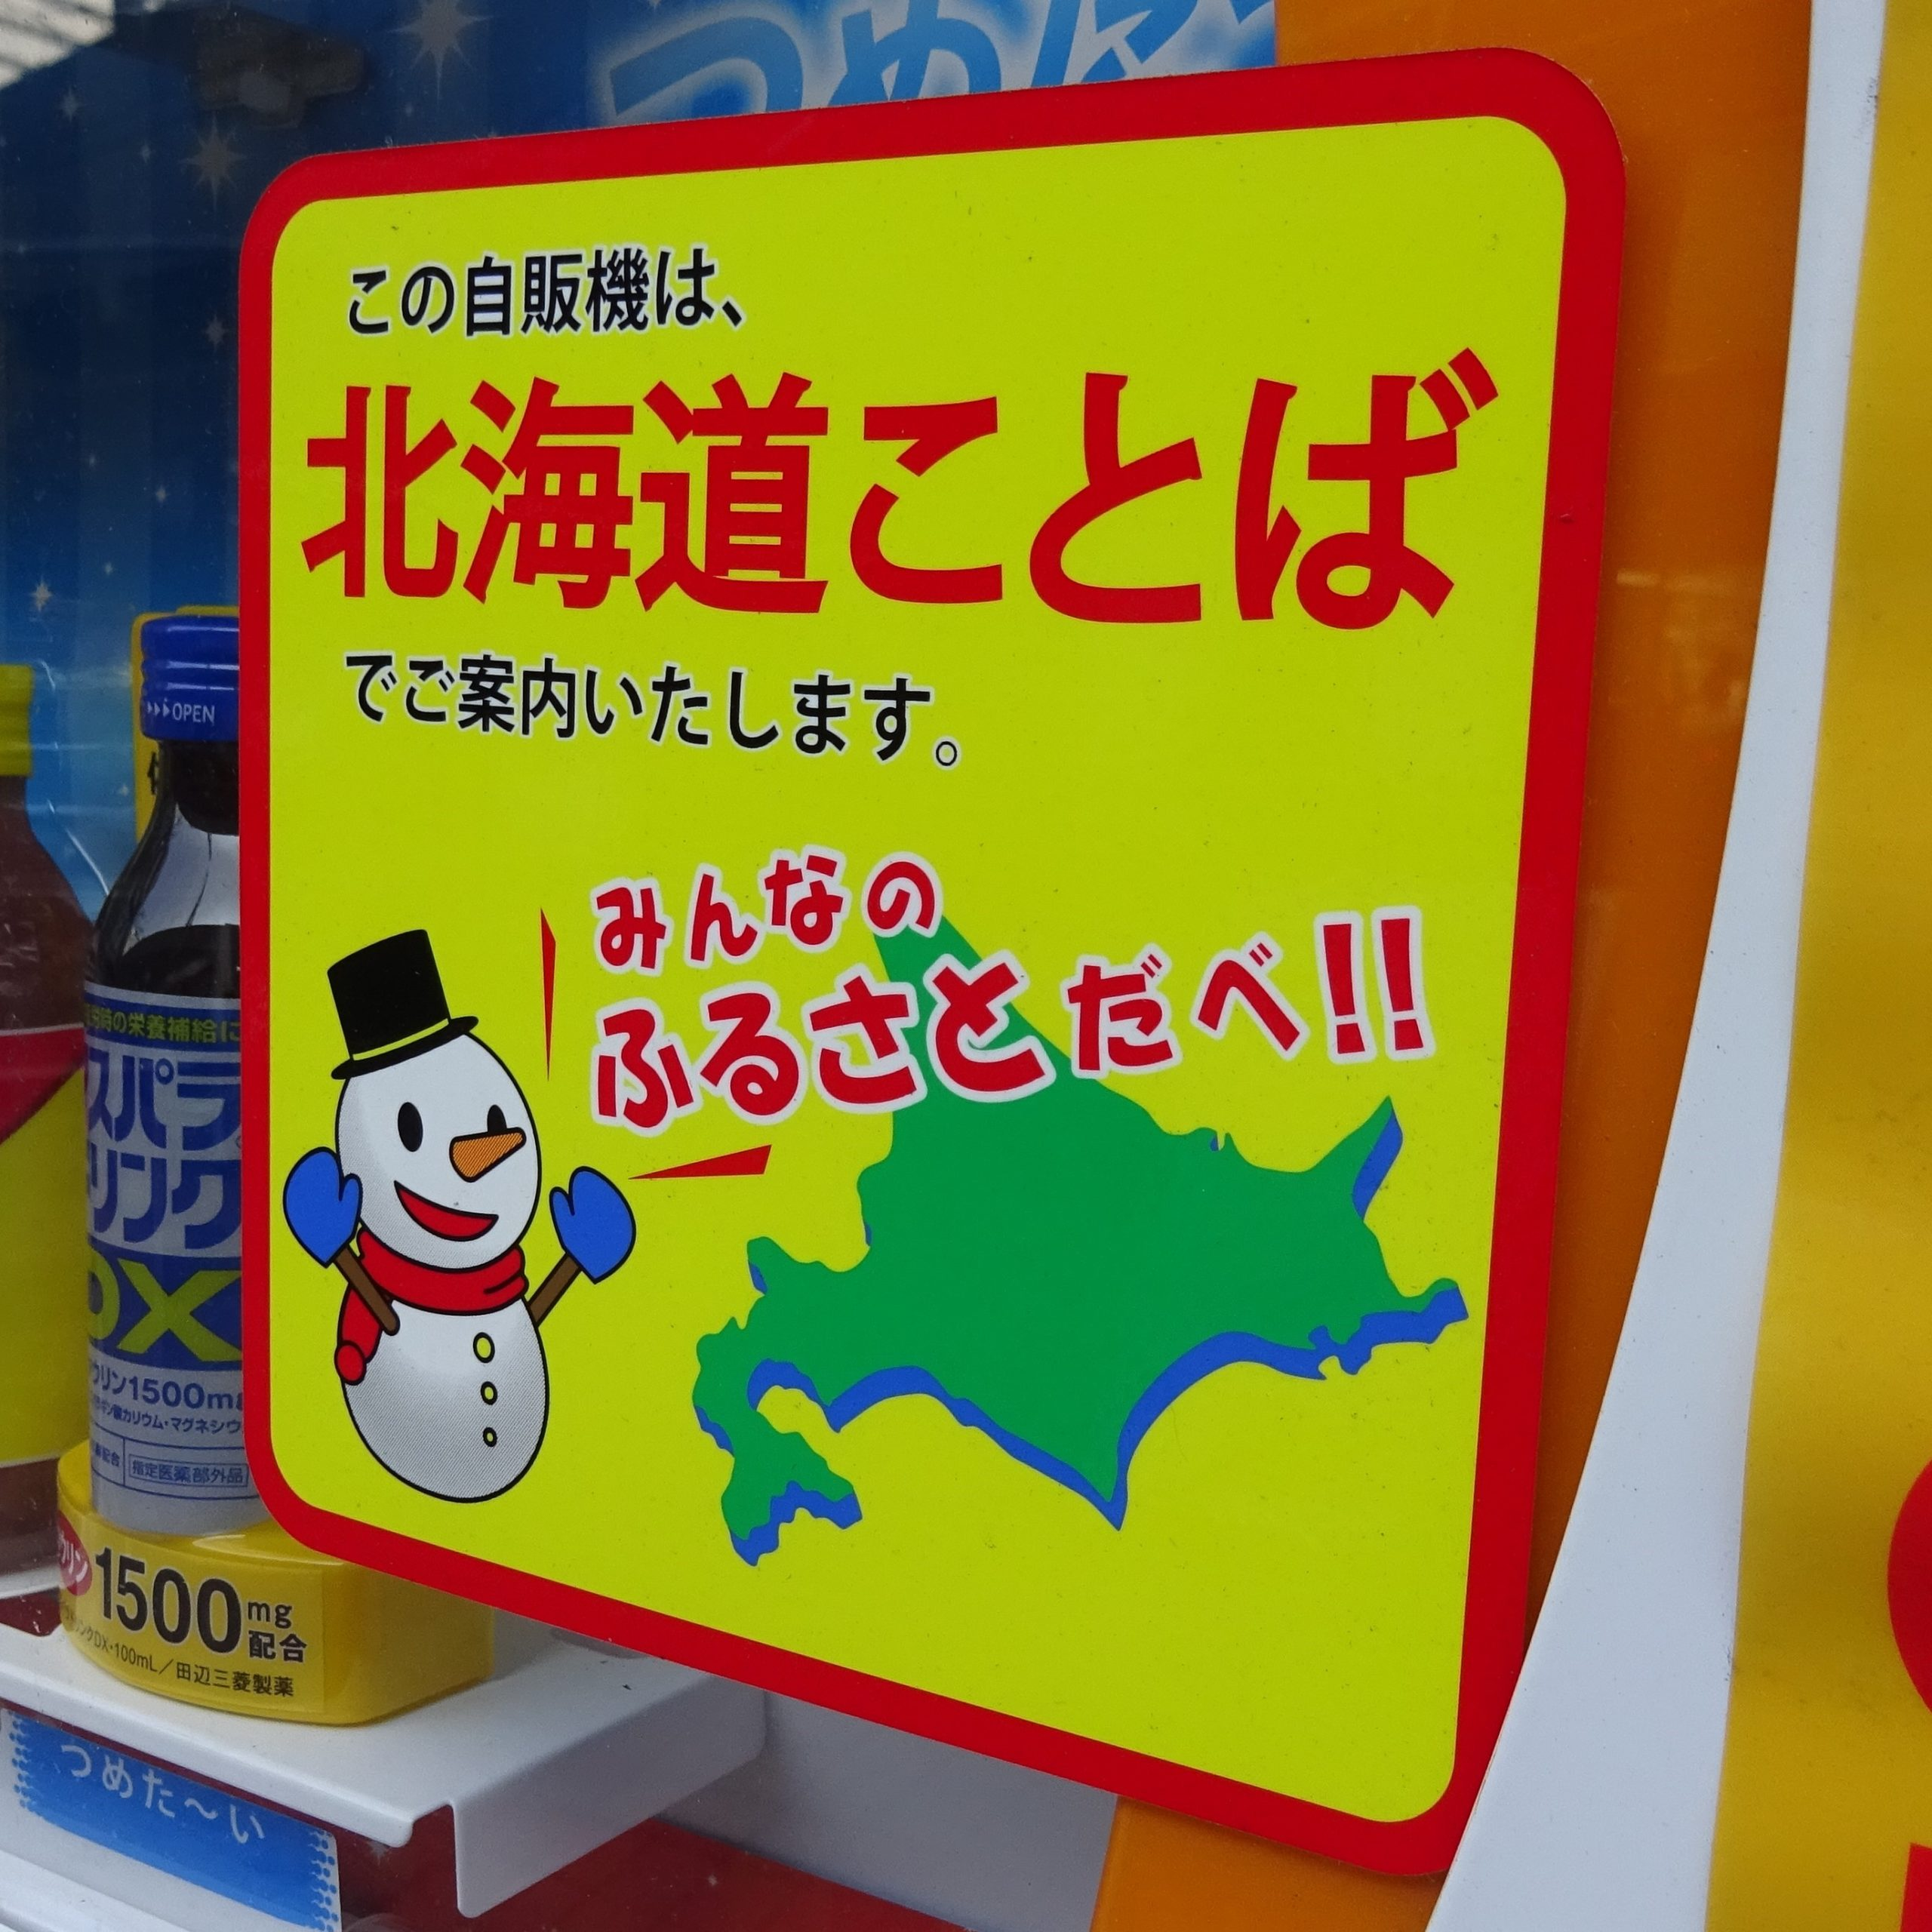 北海道内の変わり種自動販売機・レトロ自動販売機